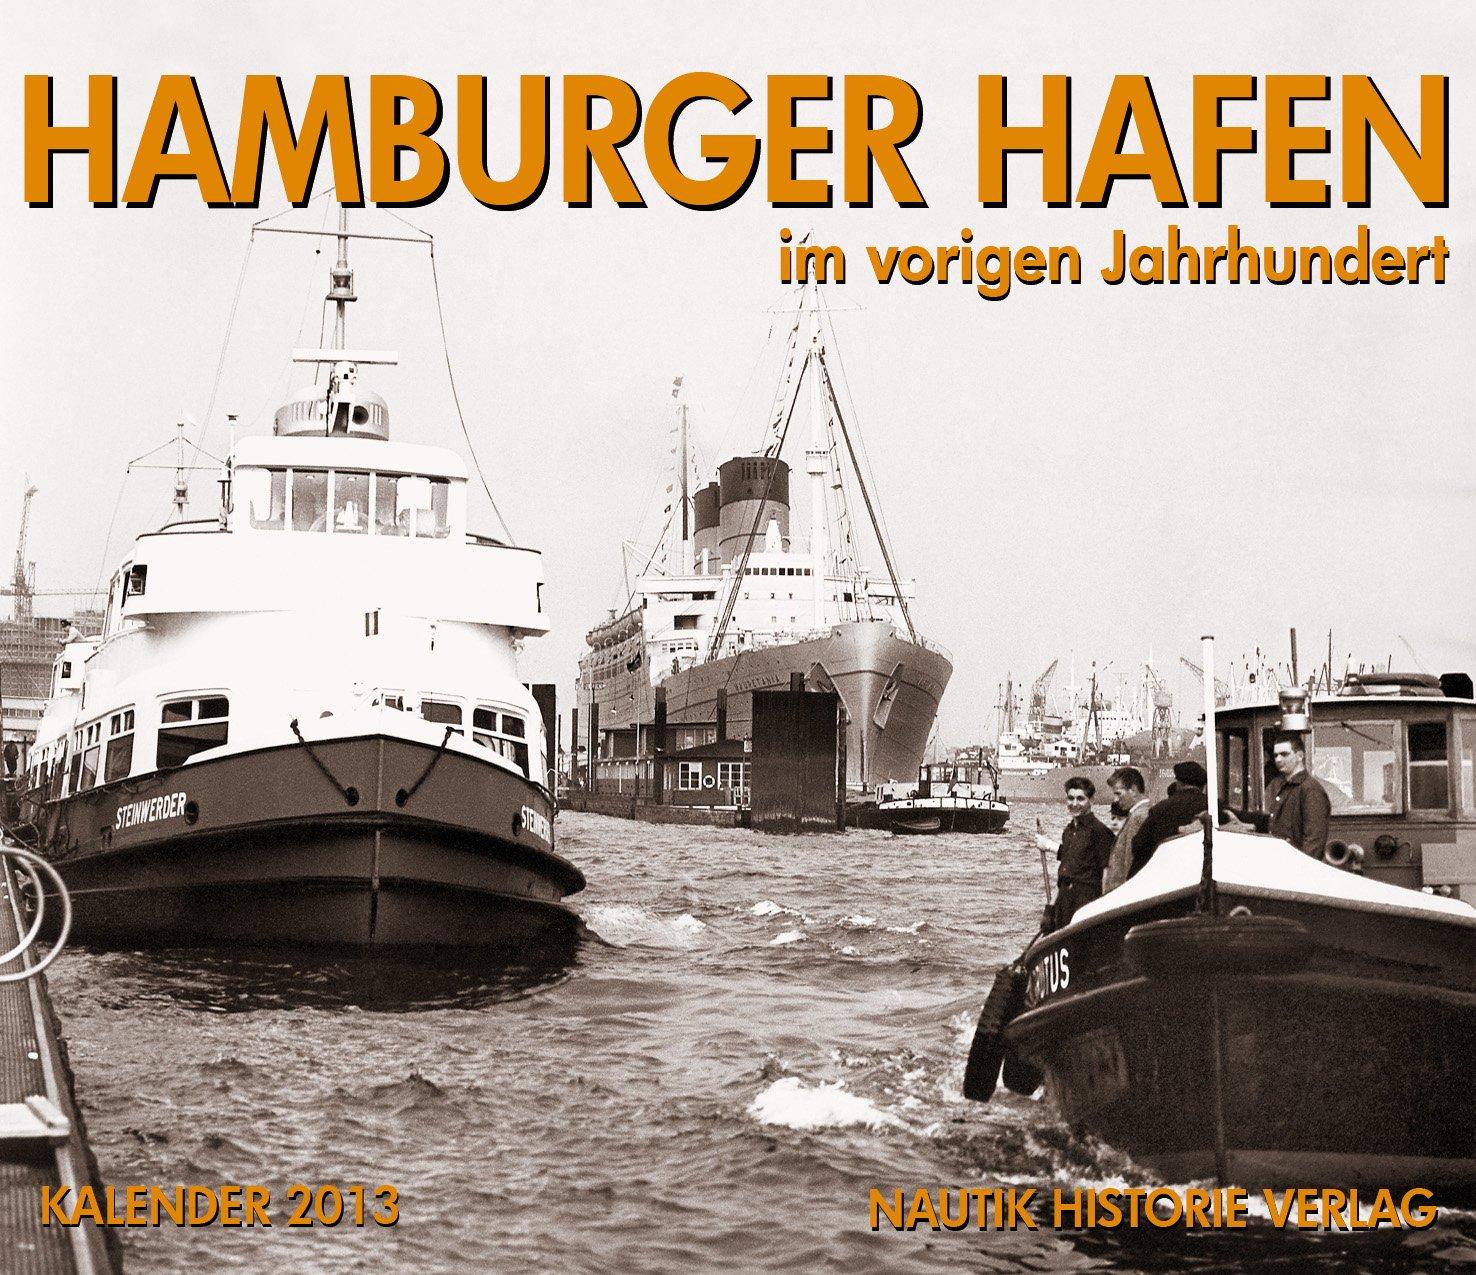 Hamburger Hafen im vorigen Jahrhundert: 2013